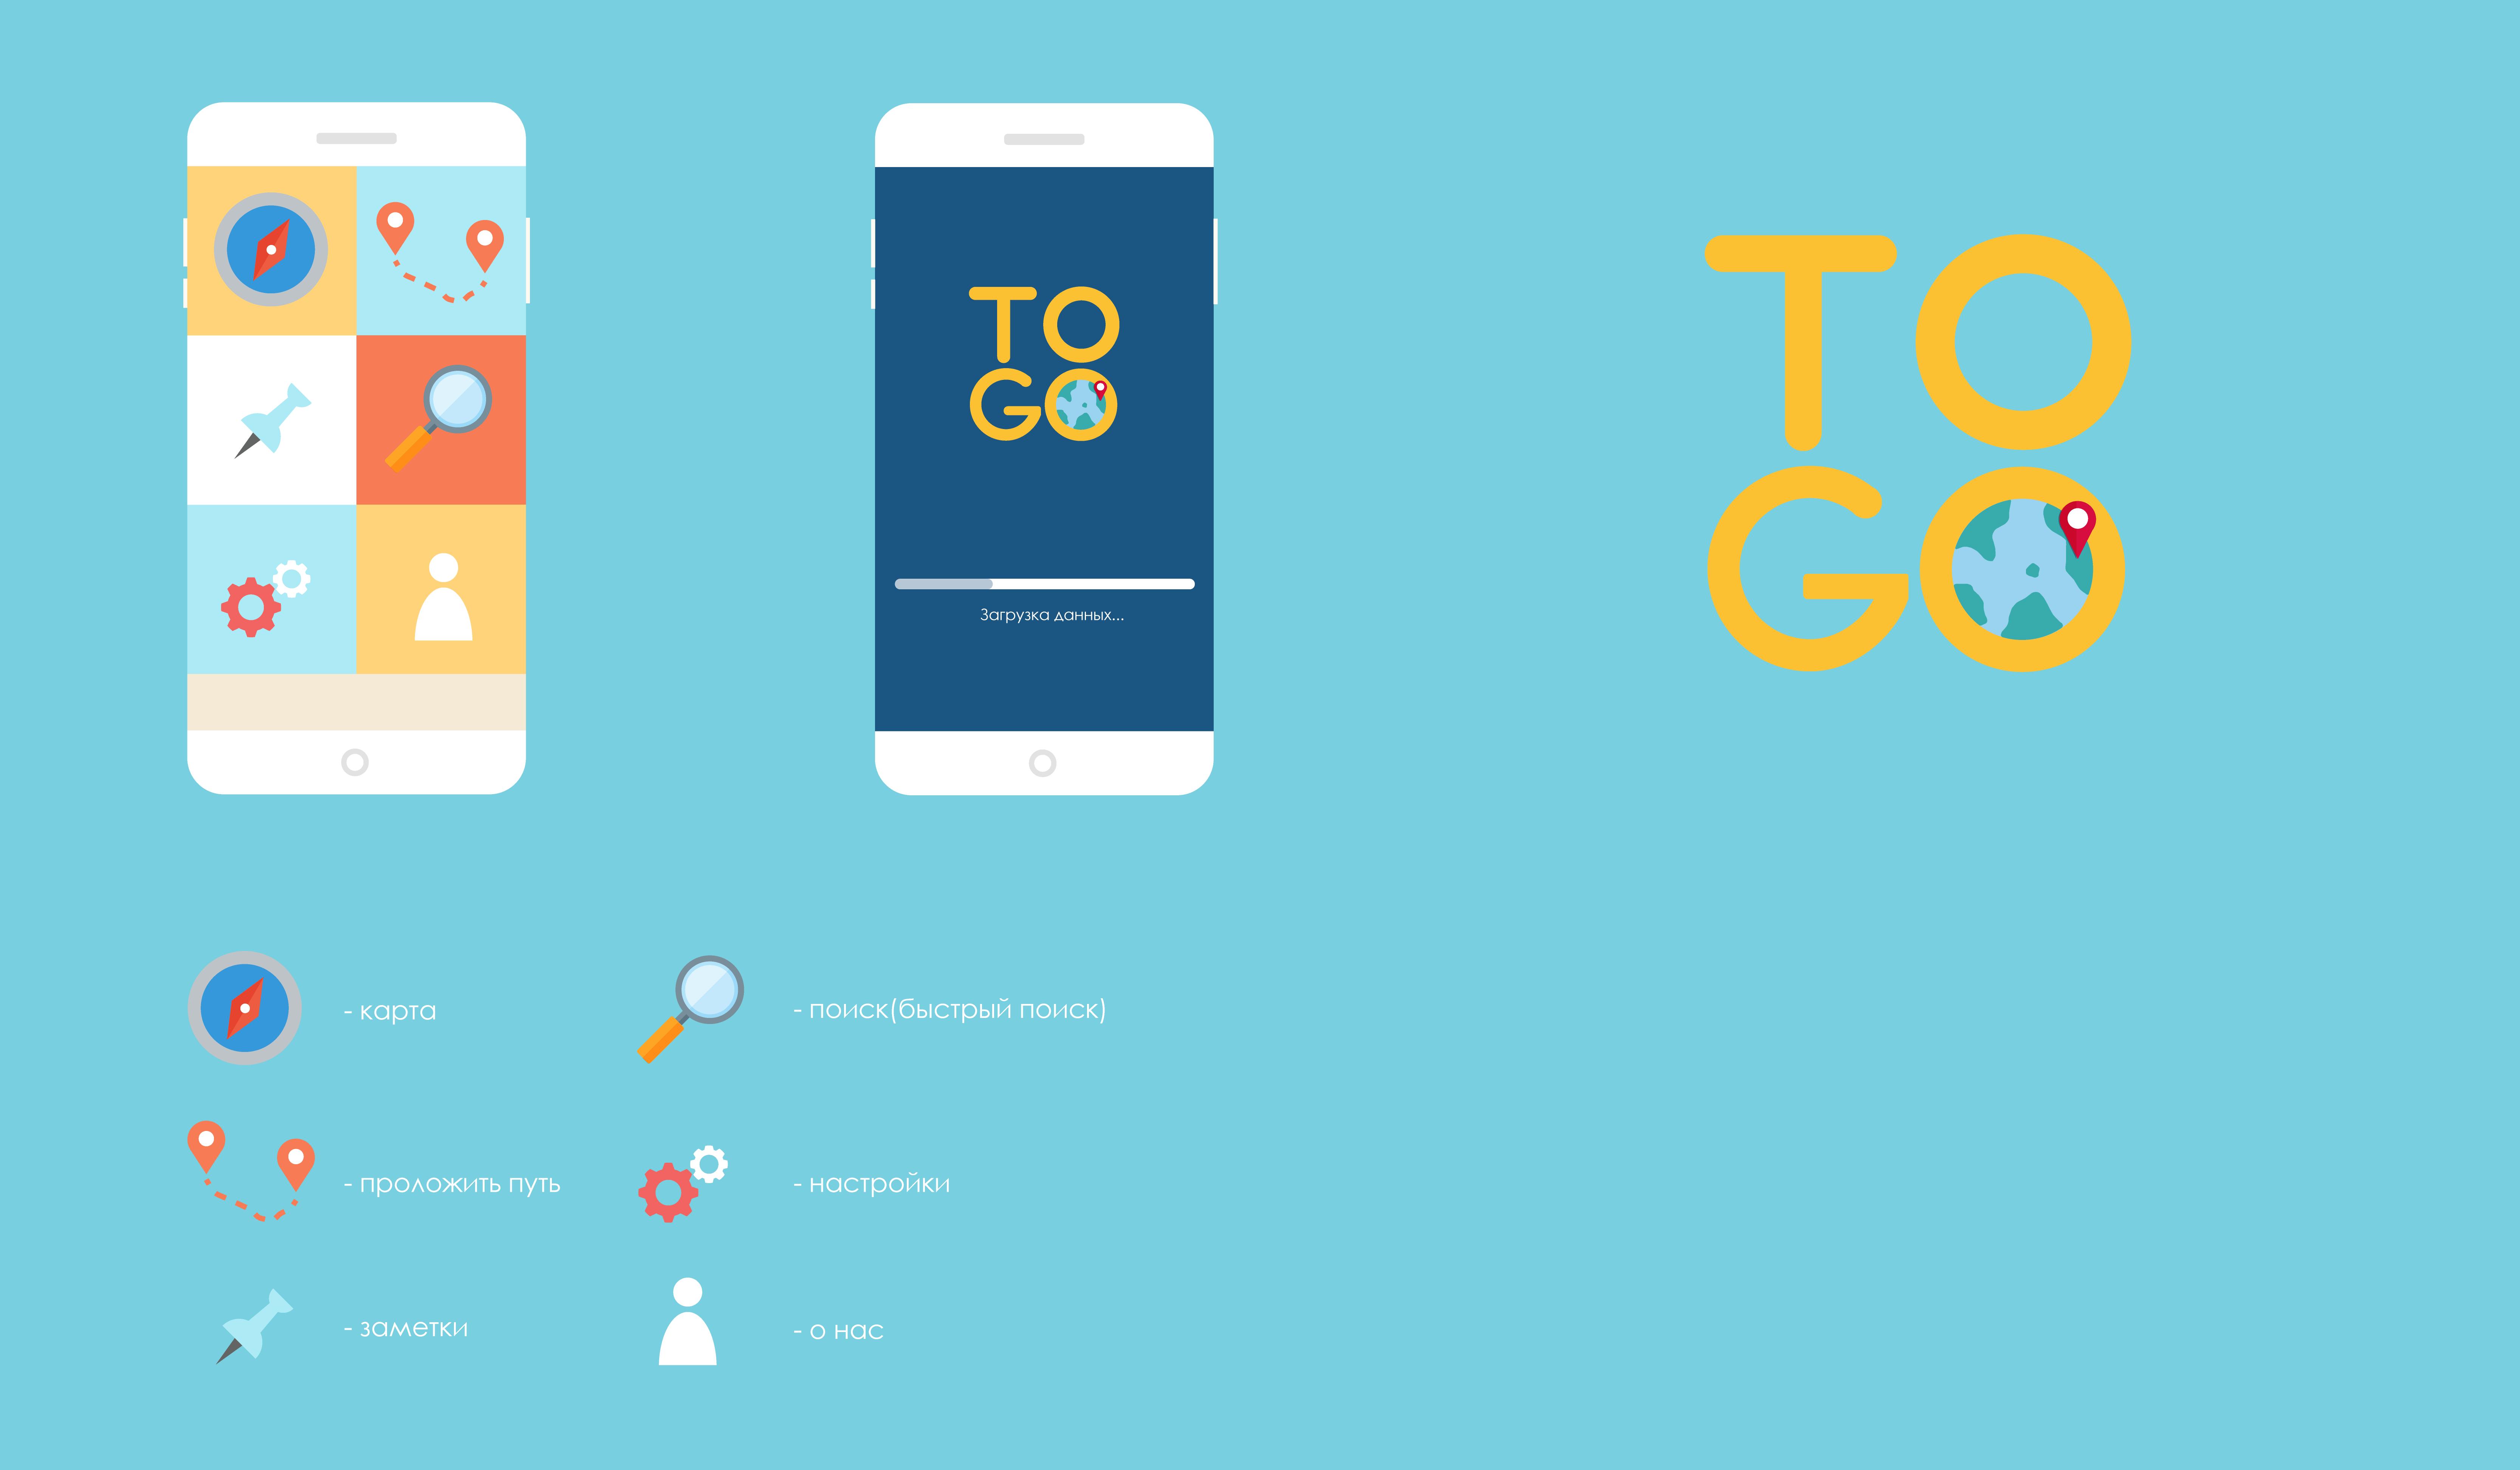 Разработать логотип и экран загрузки приложения фото f_0315a7ed7191f930.png